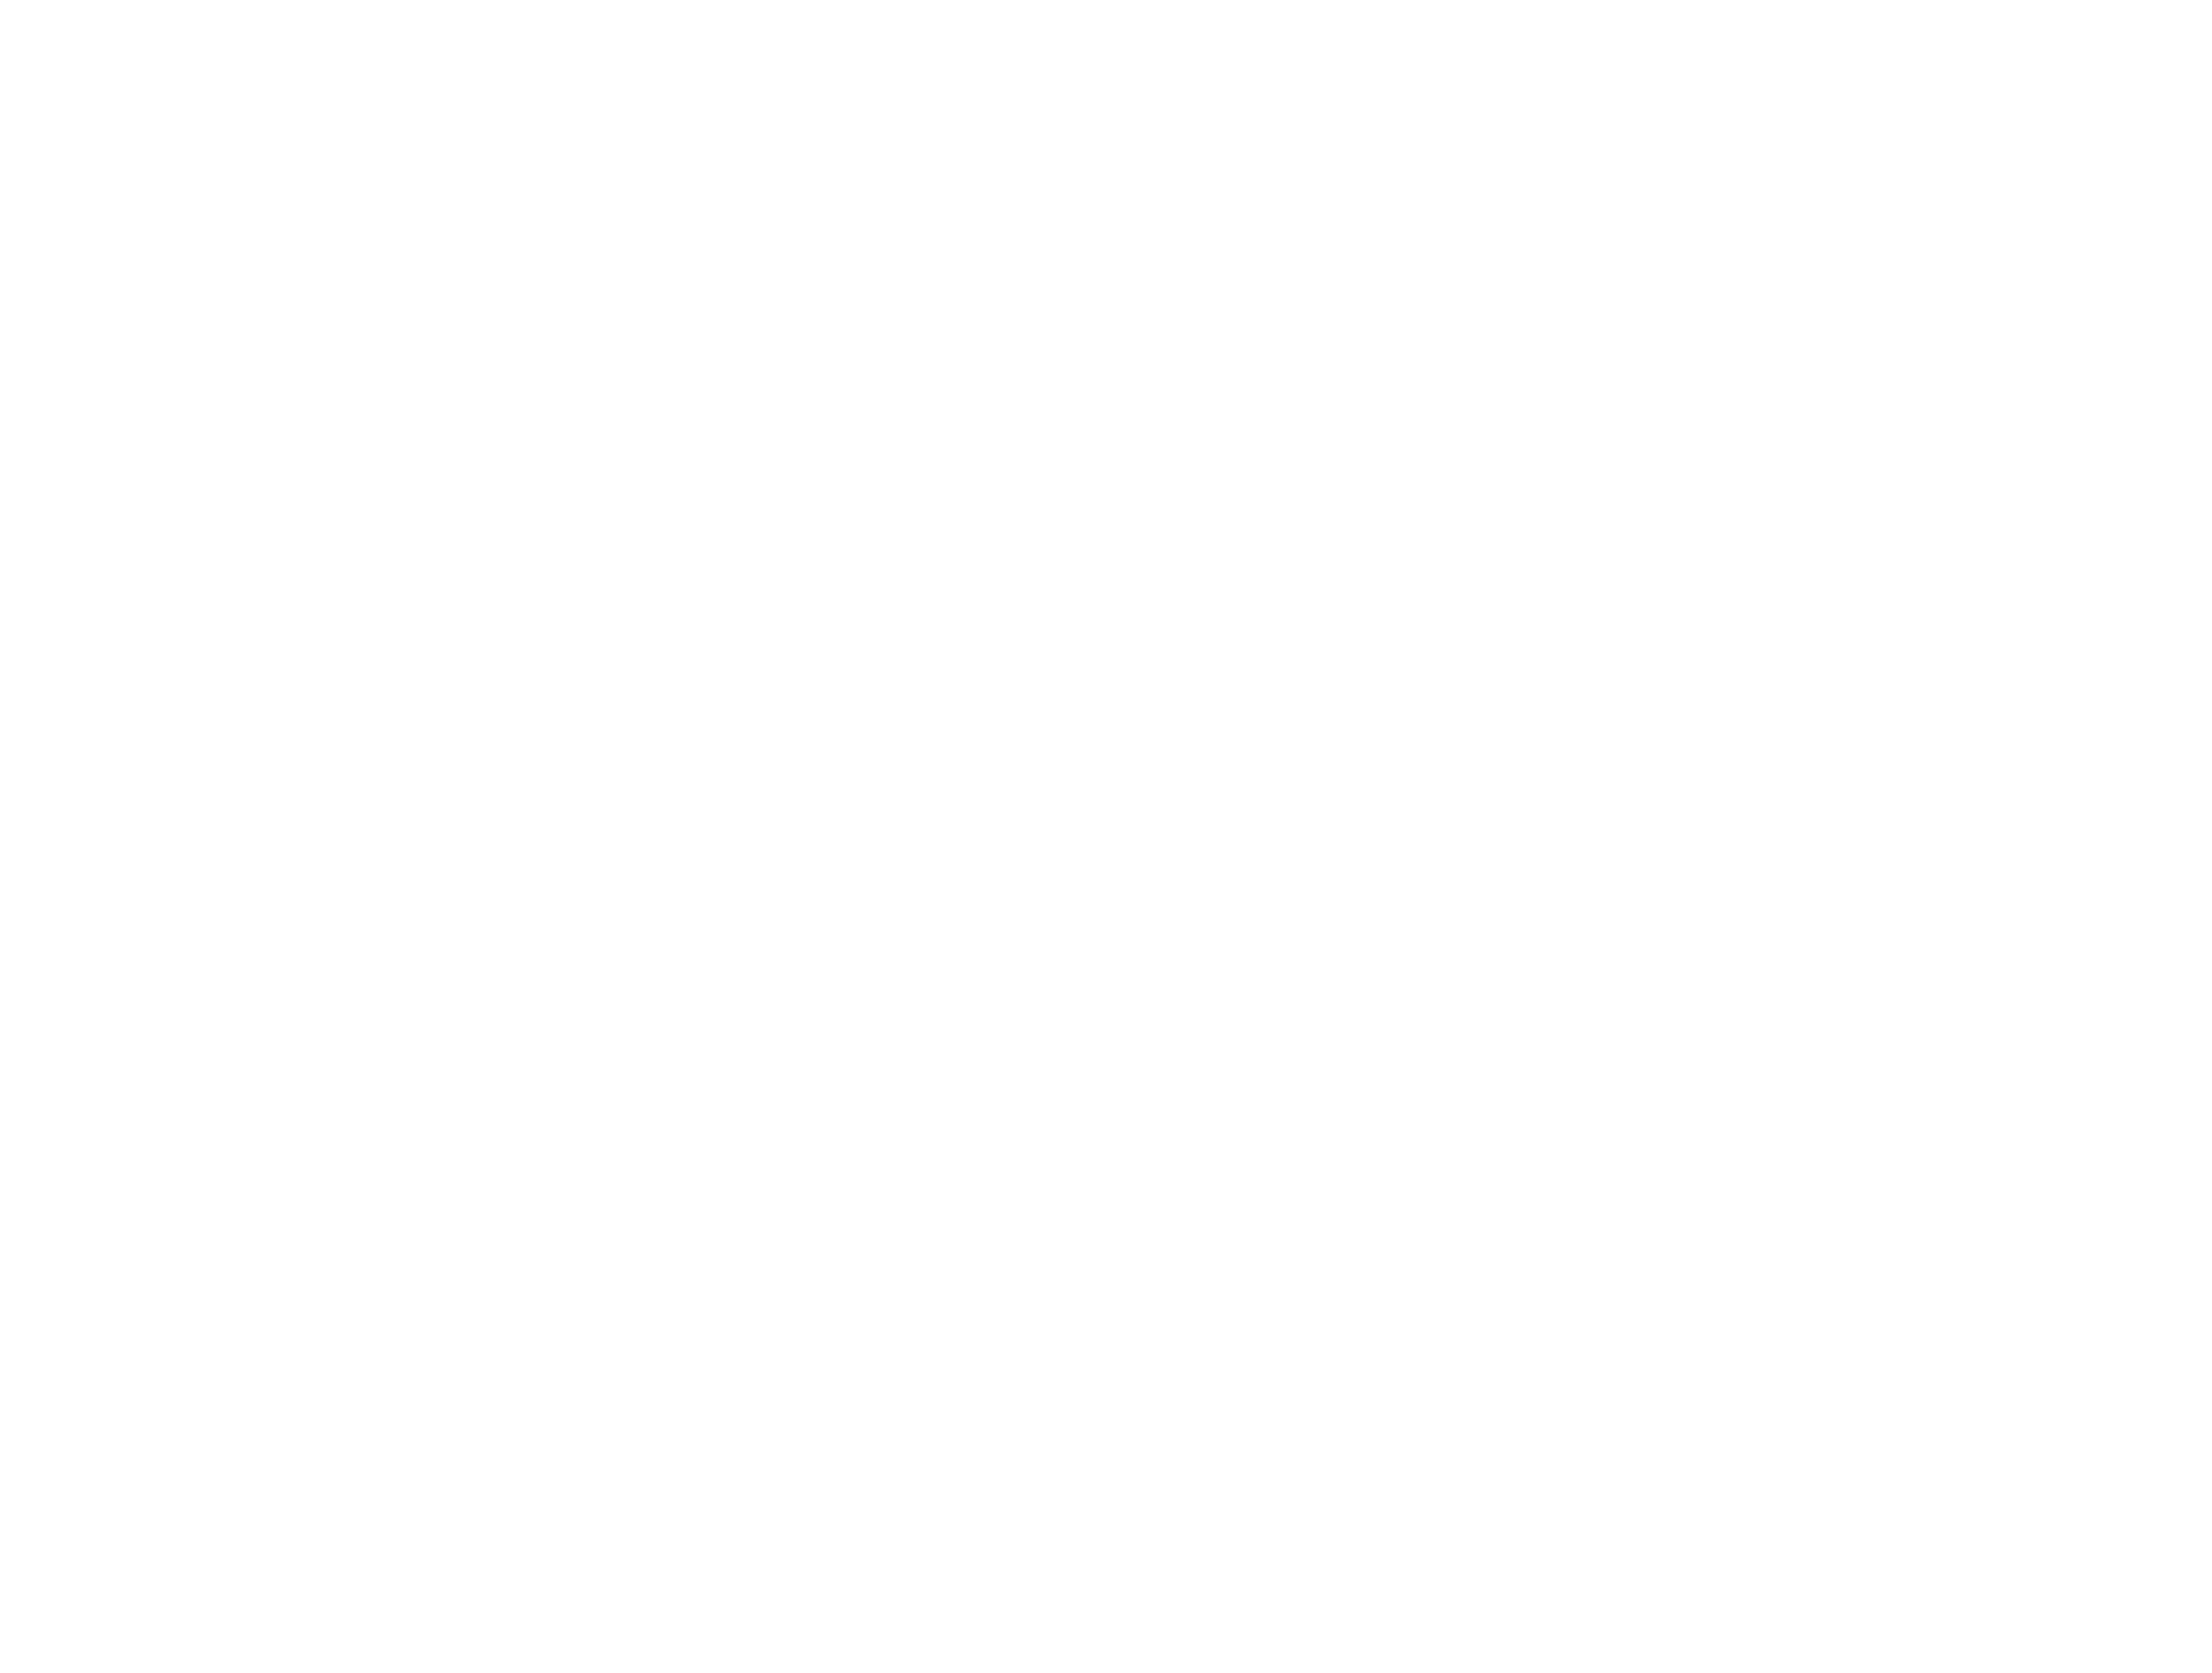 grivel-logo-pelne